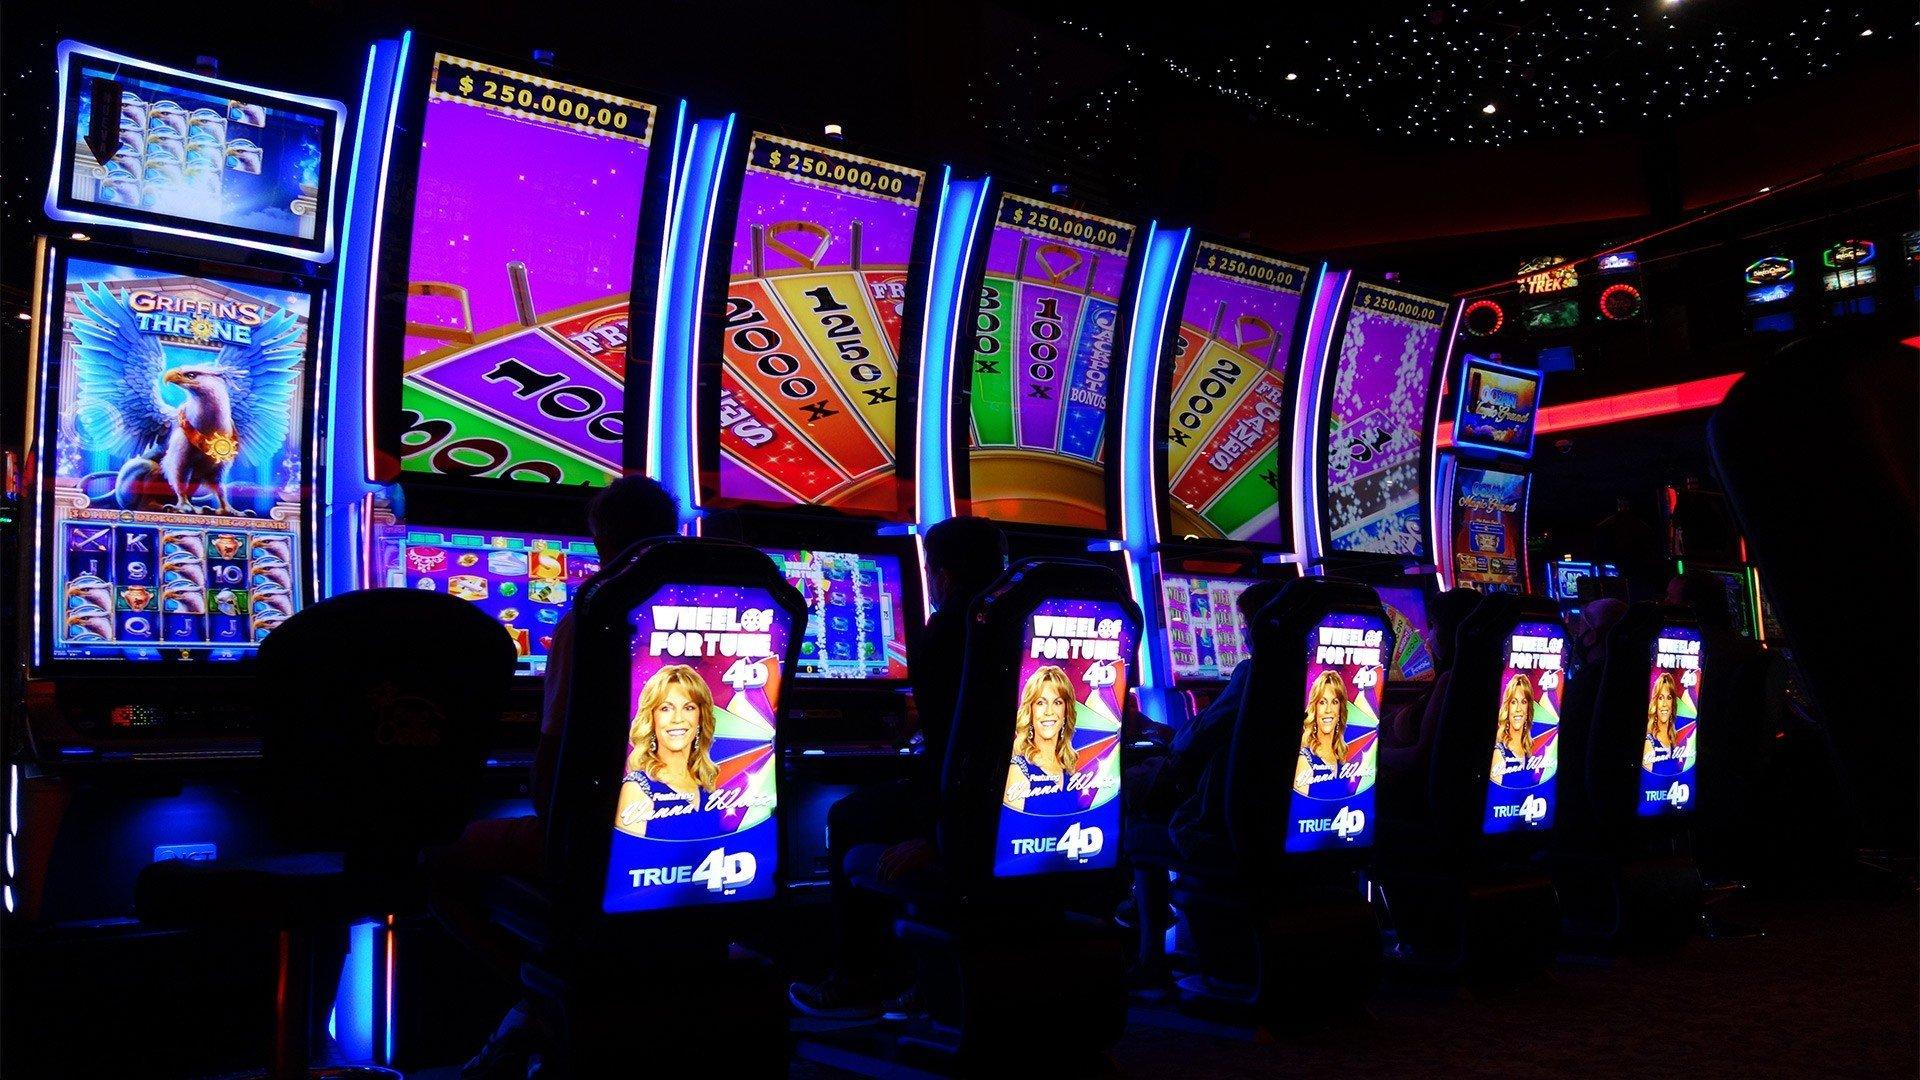 Почти $3 миллиона принес игроку слот Wheel of Fortune от IGT